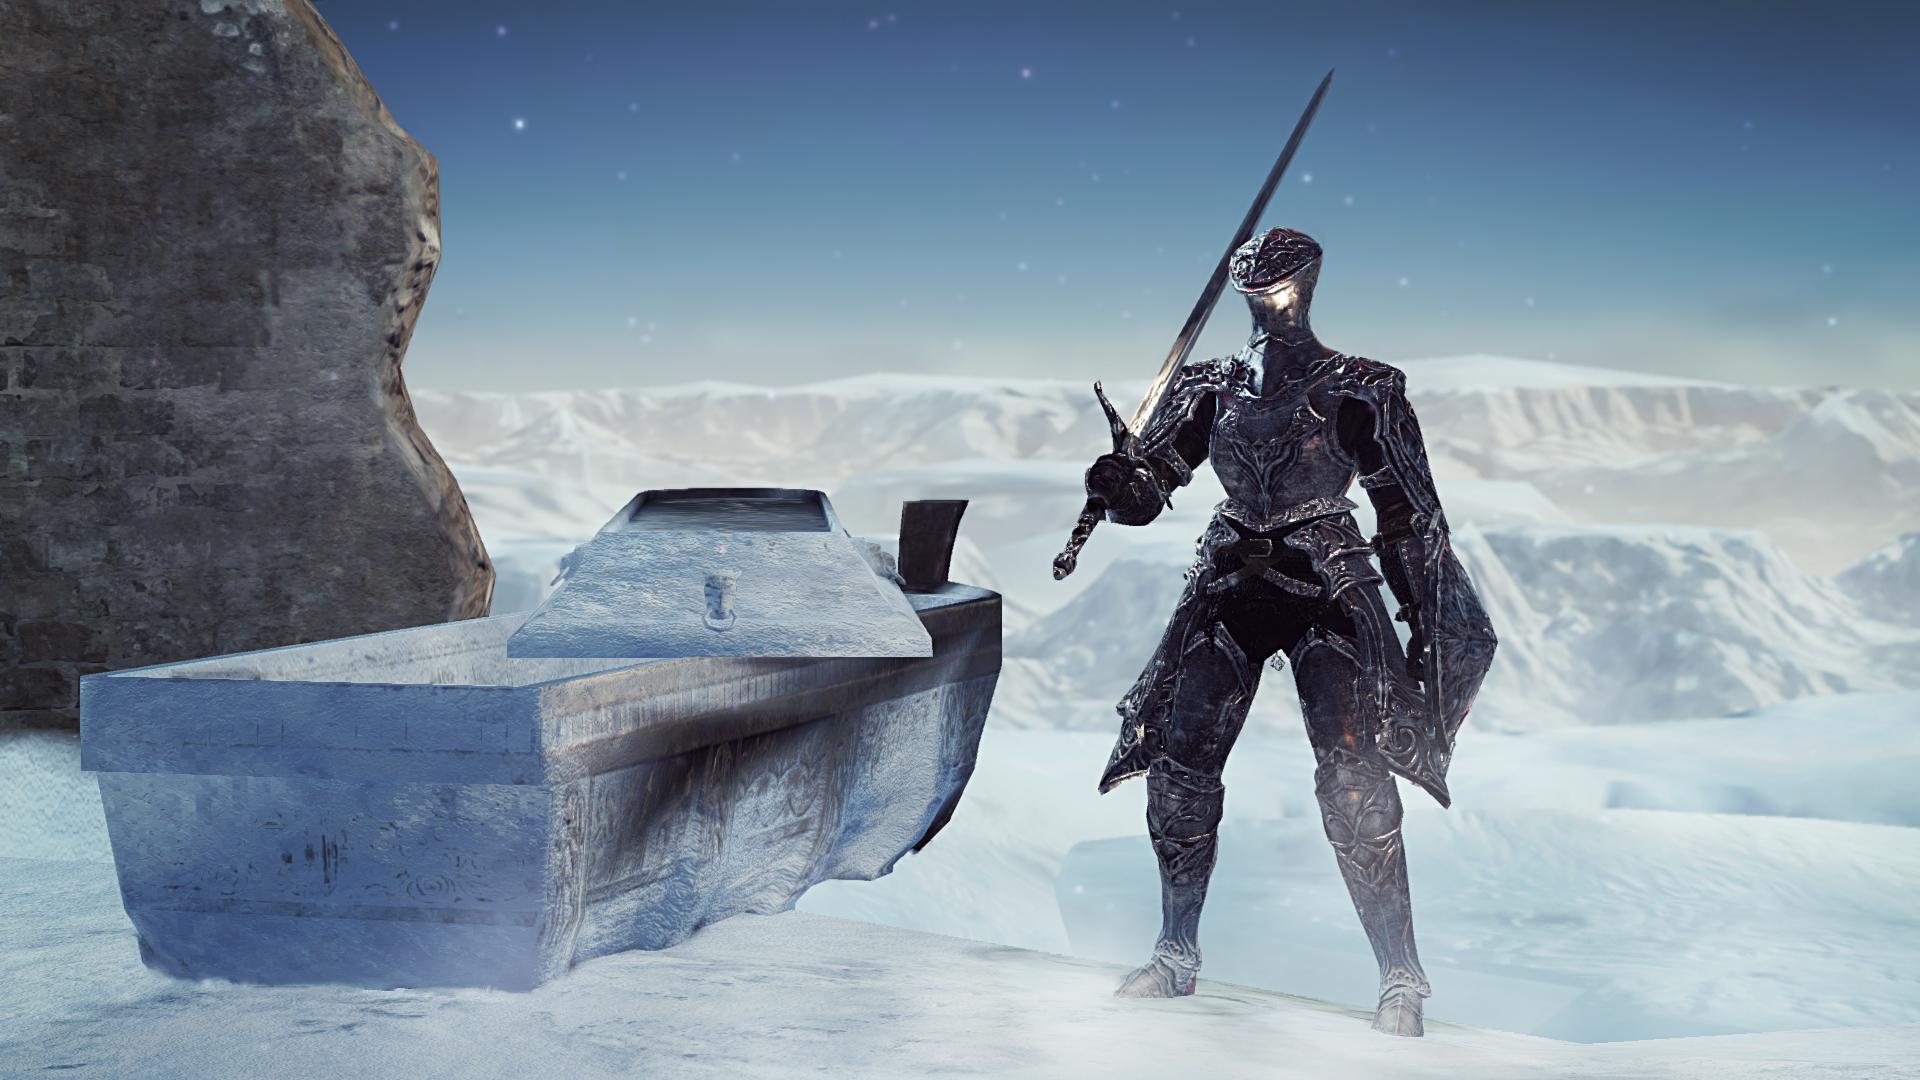 Mráz a vánice ve třetím DLC pro Dark Souls 2 100676